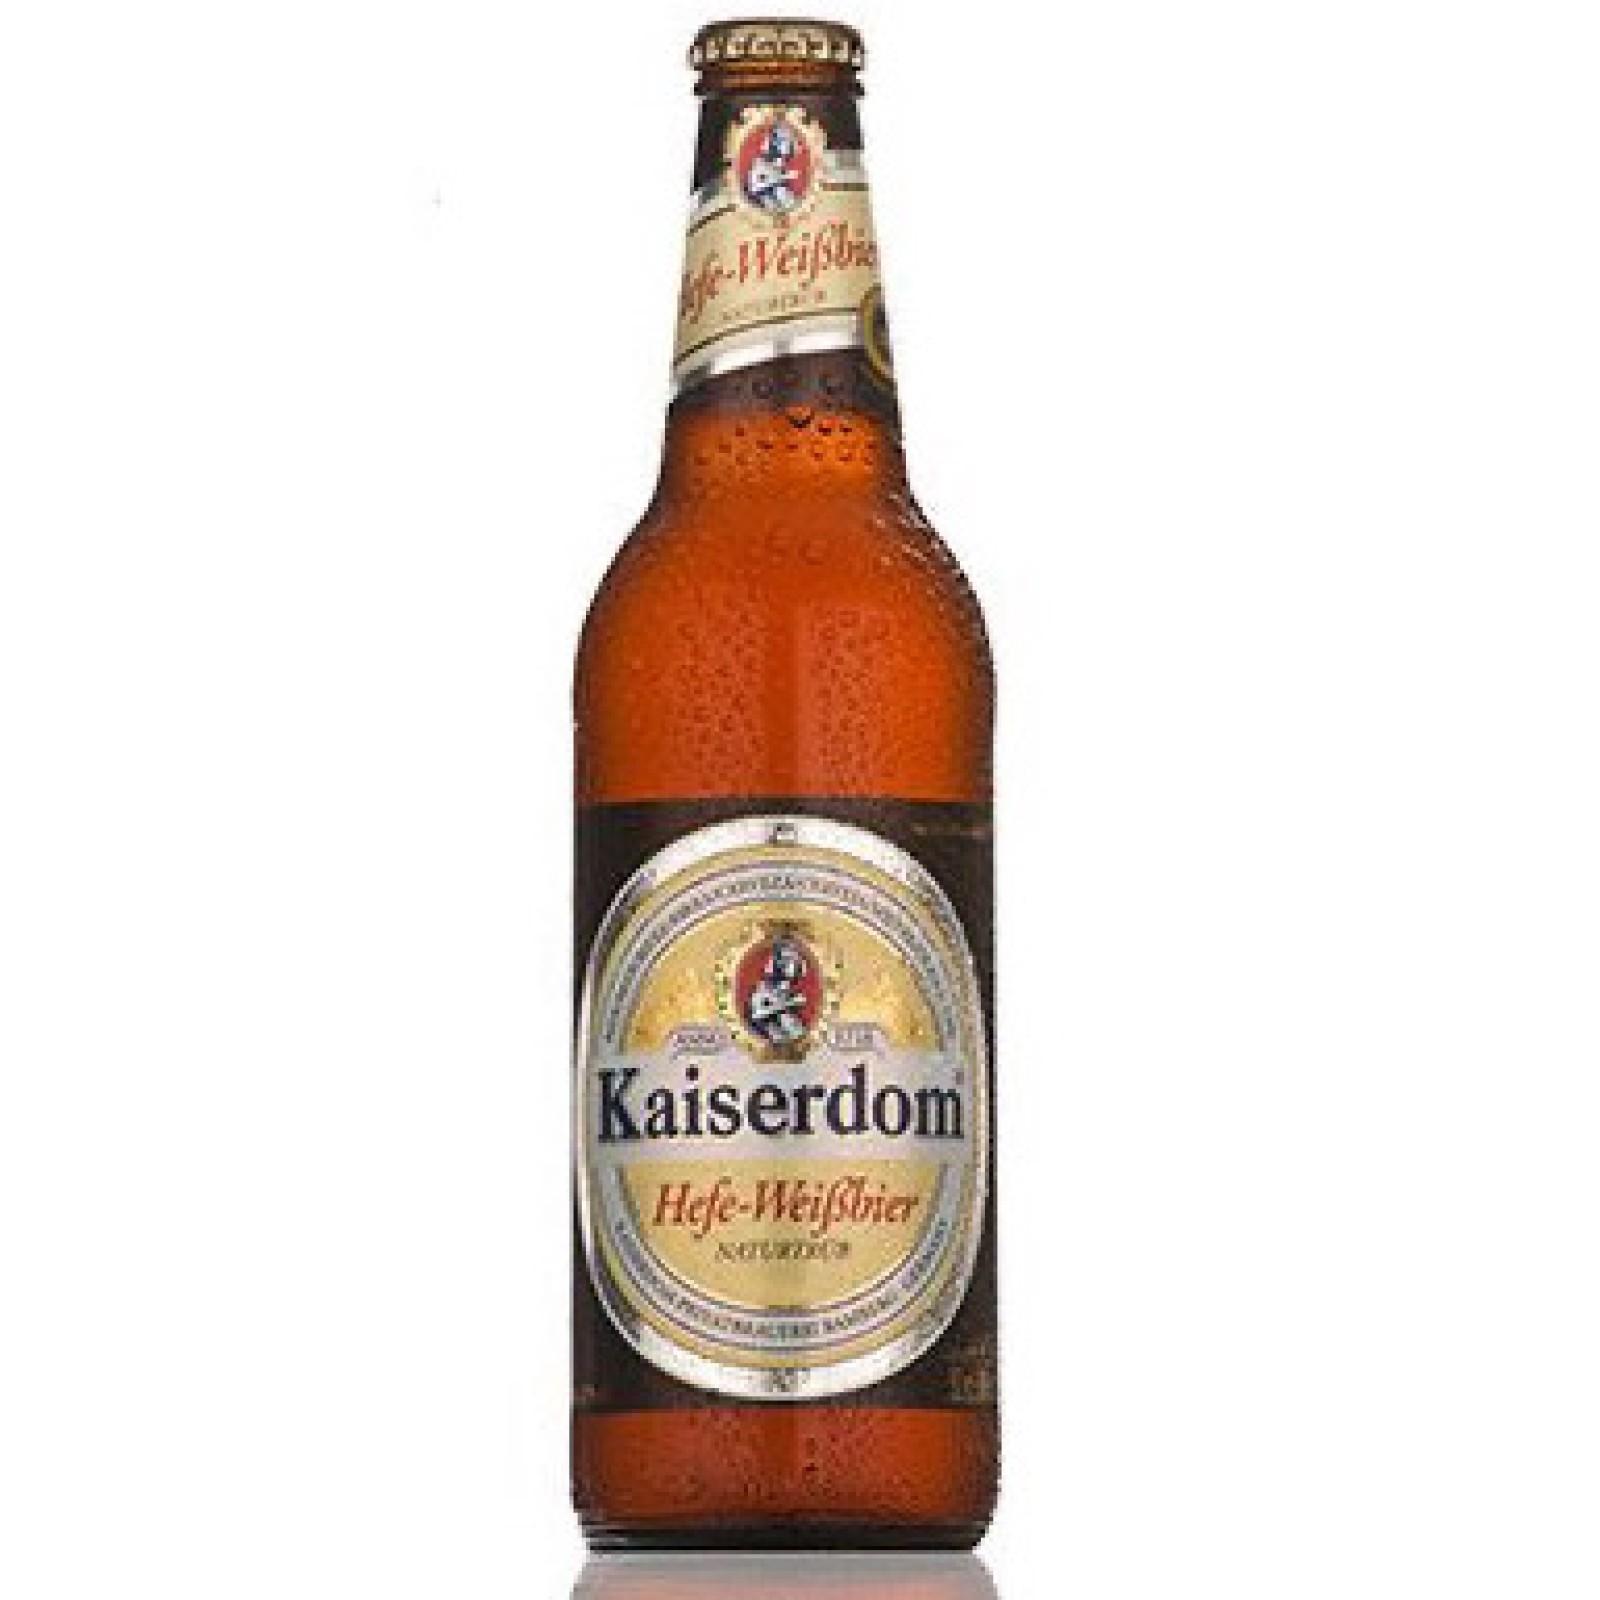 Kaiserdom Hefe-Weisbier 4.7% 500ml